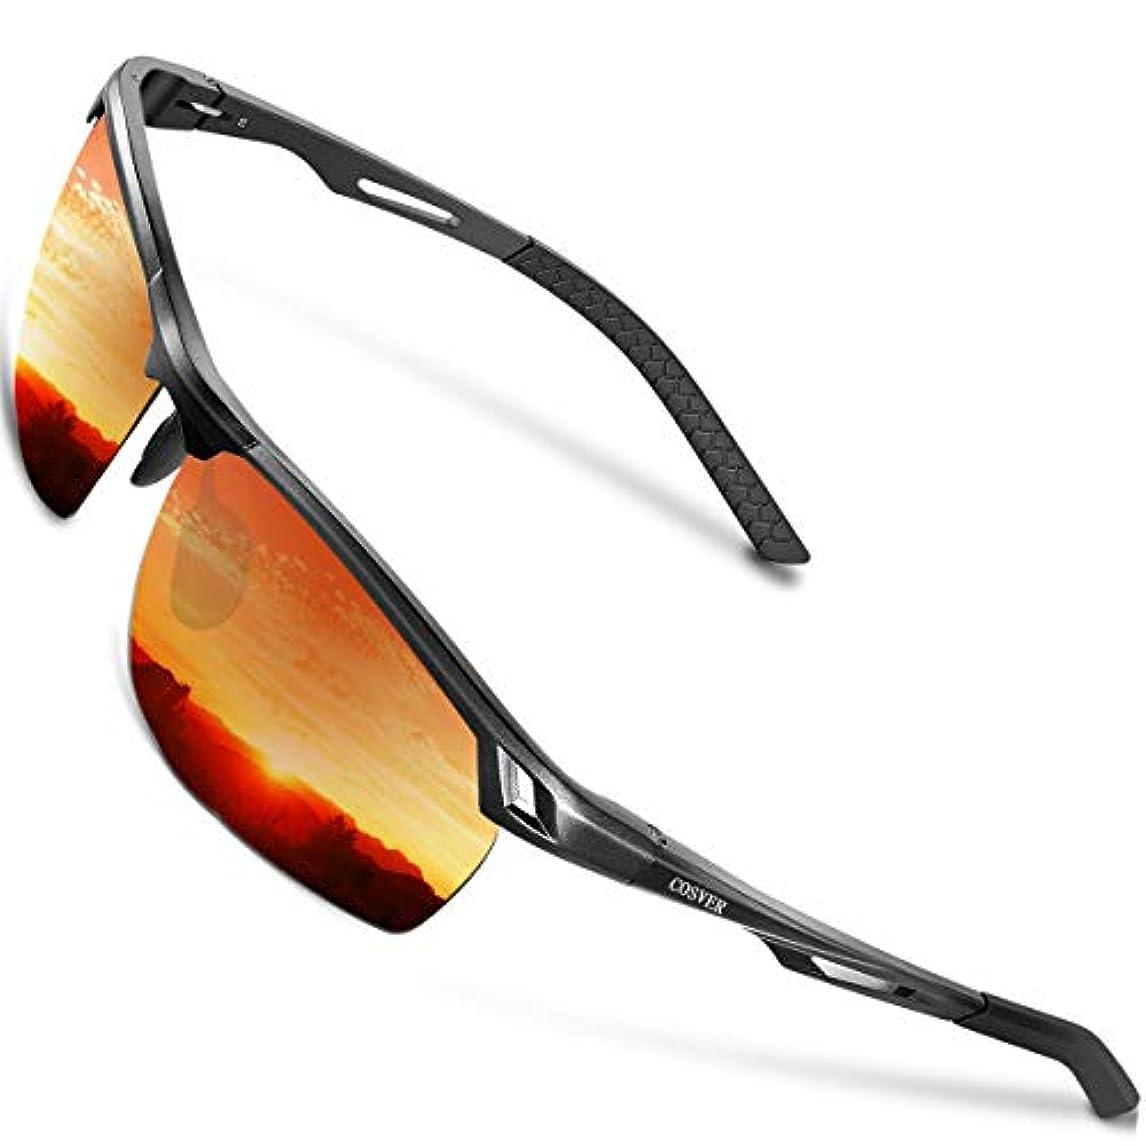 高齢者出発する謝罪するCOSVER 偏光サングラス 偏光グラス メンズ 超軽量メタル UV400 紫外線カット 運転/野球/自転車/釣り/ランニング 男女兼用